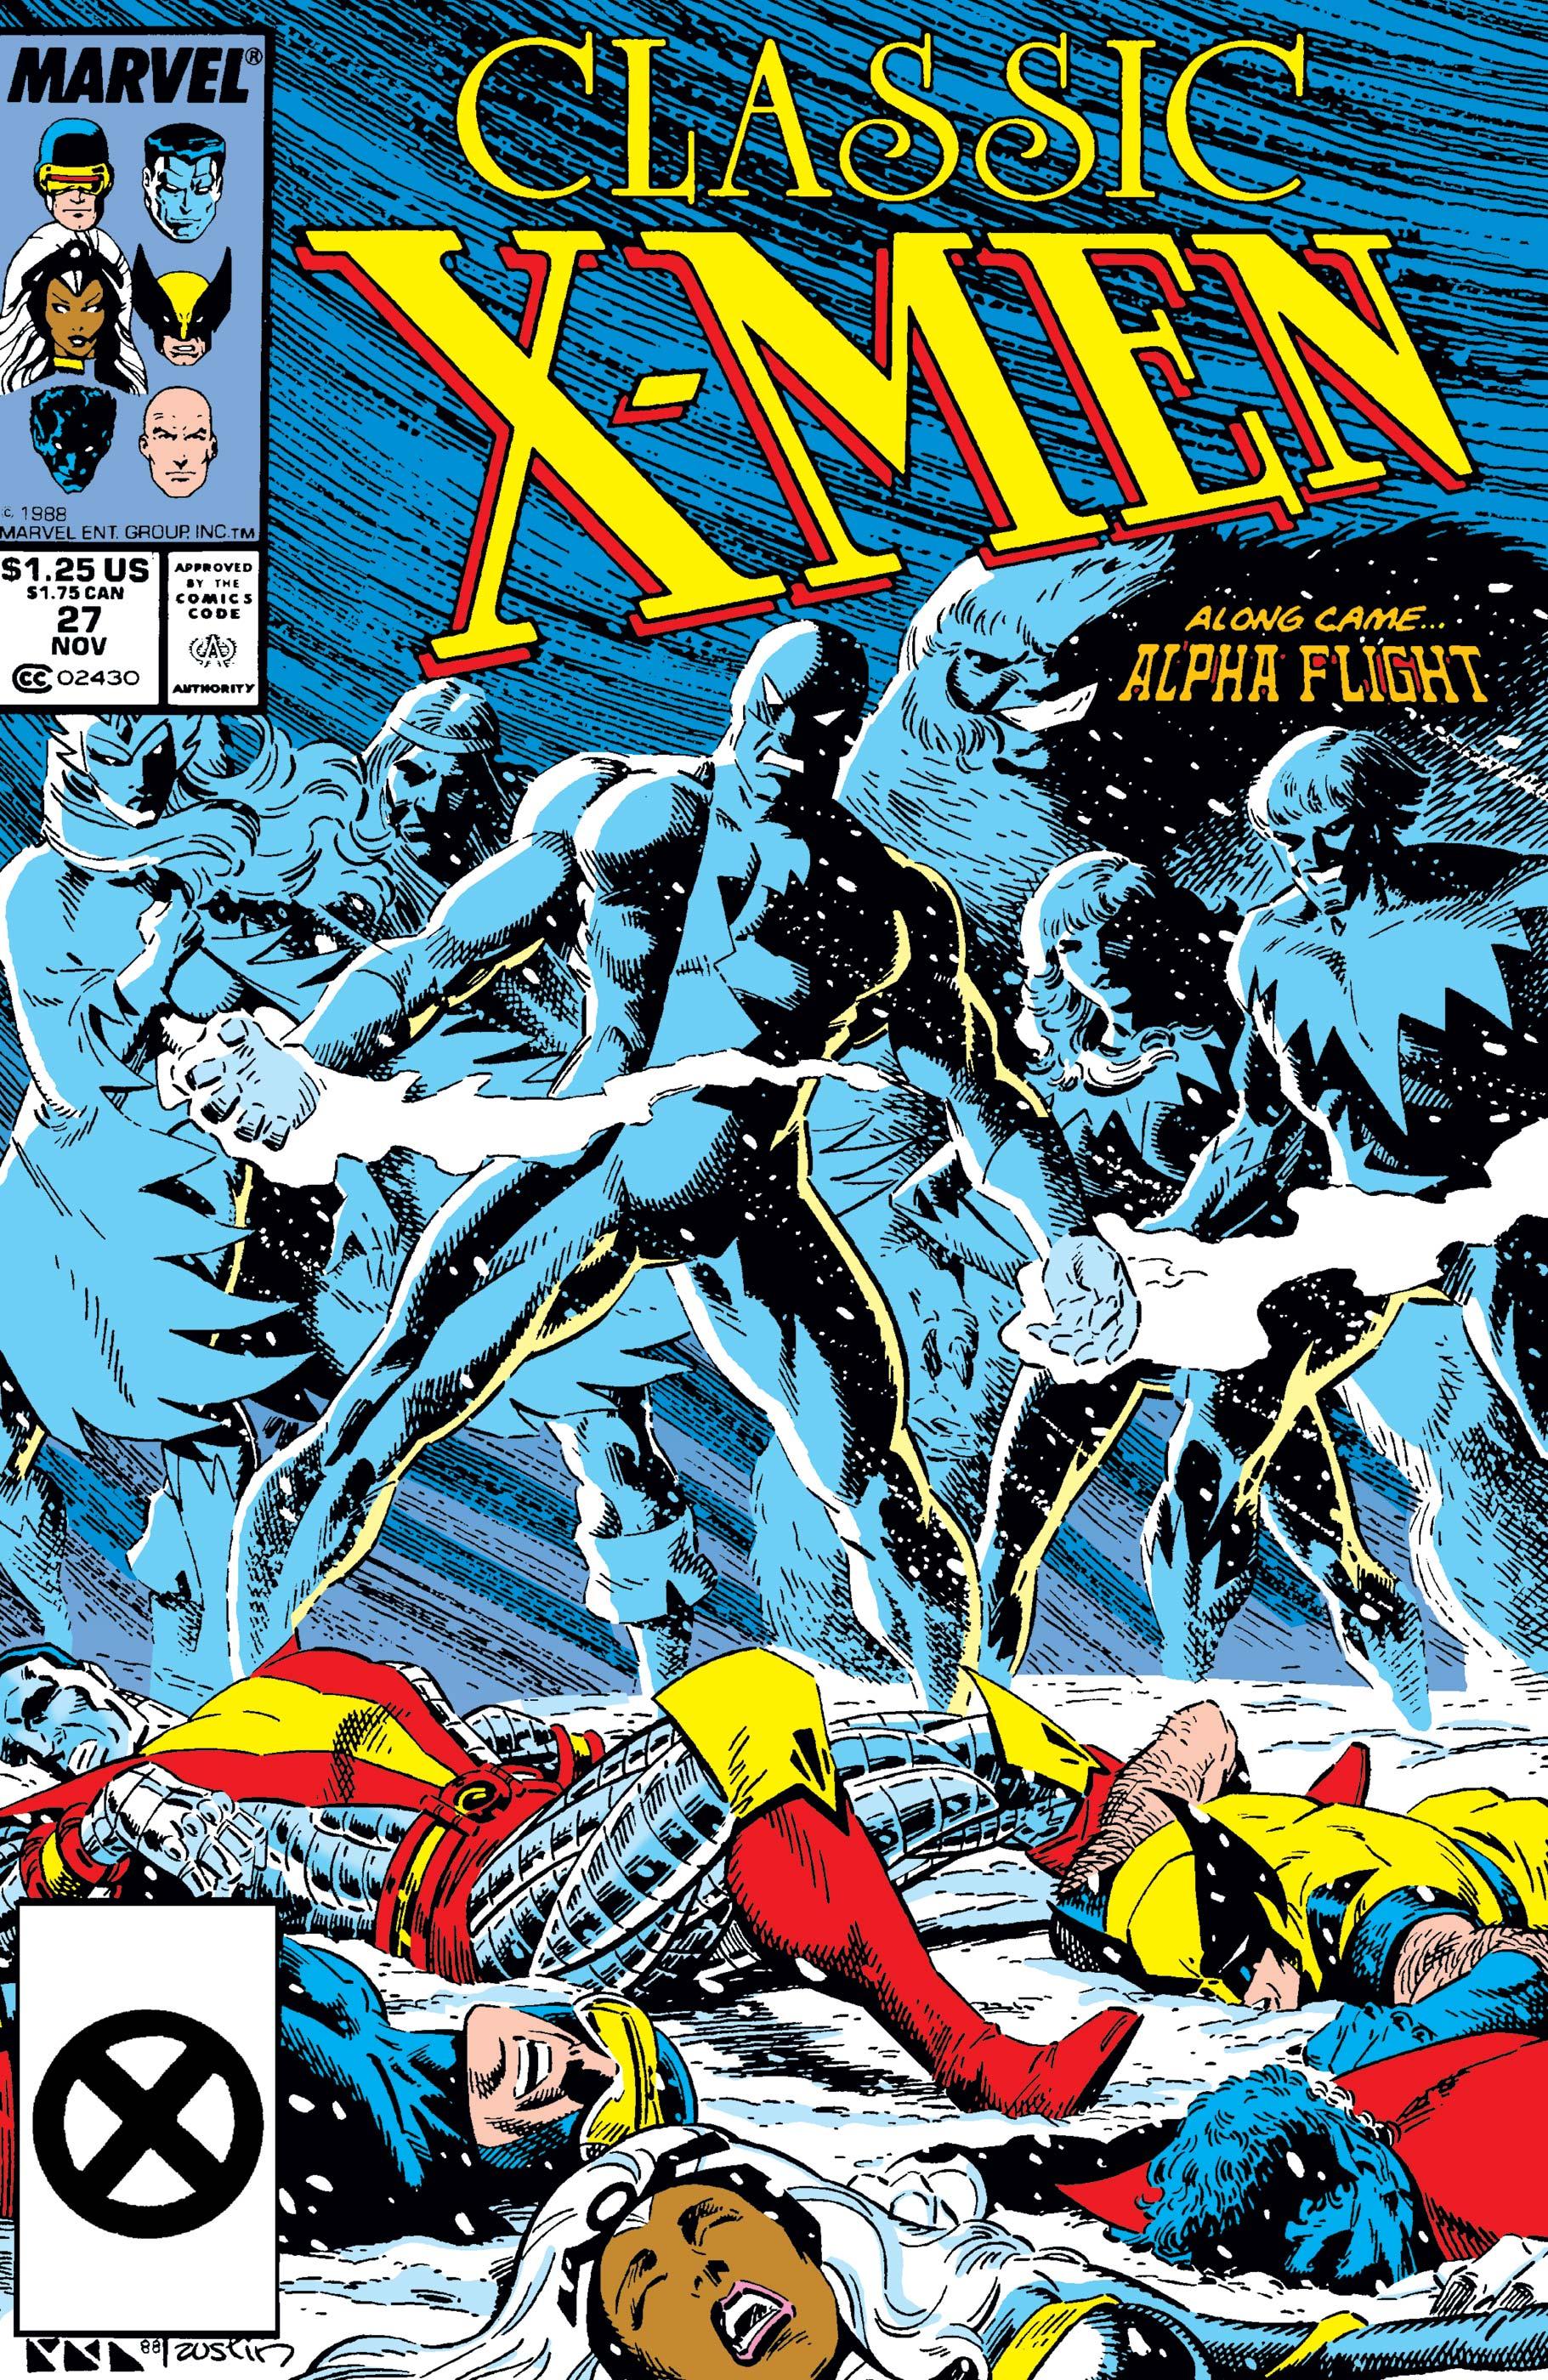 Classic X-Men (1986) #27